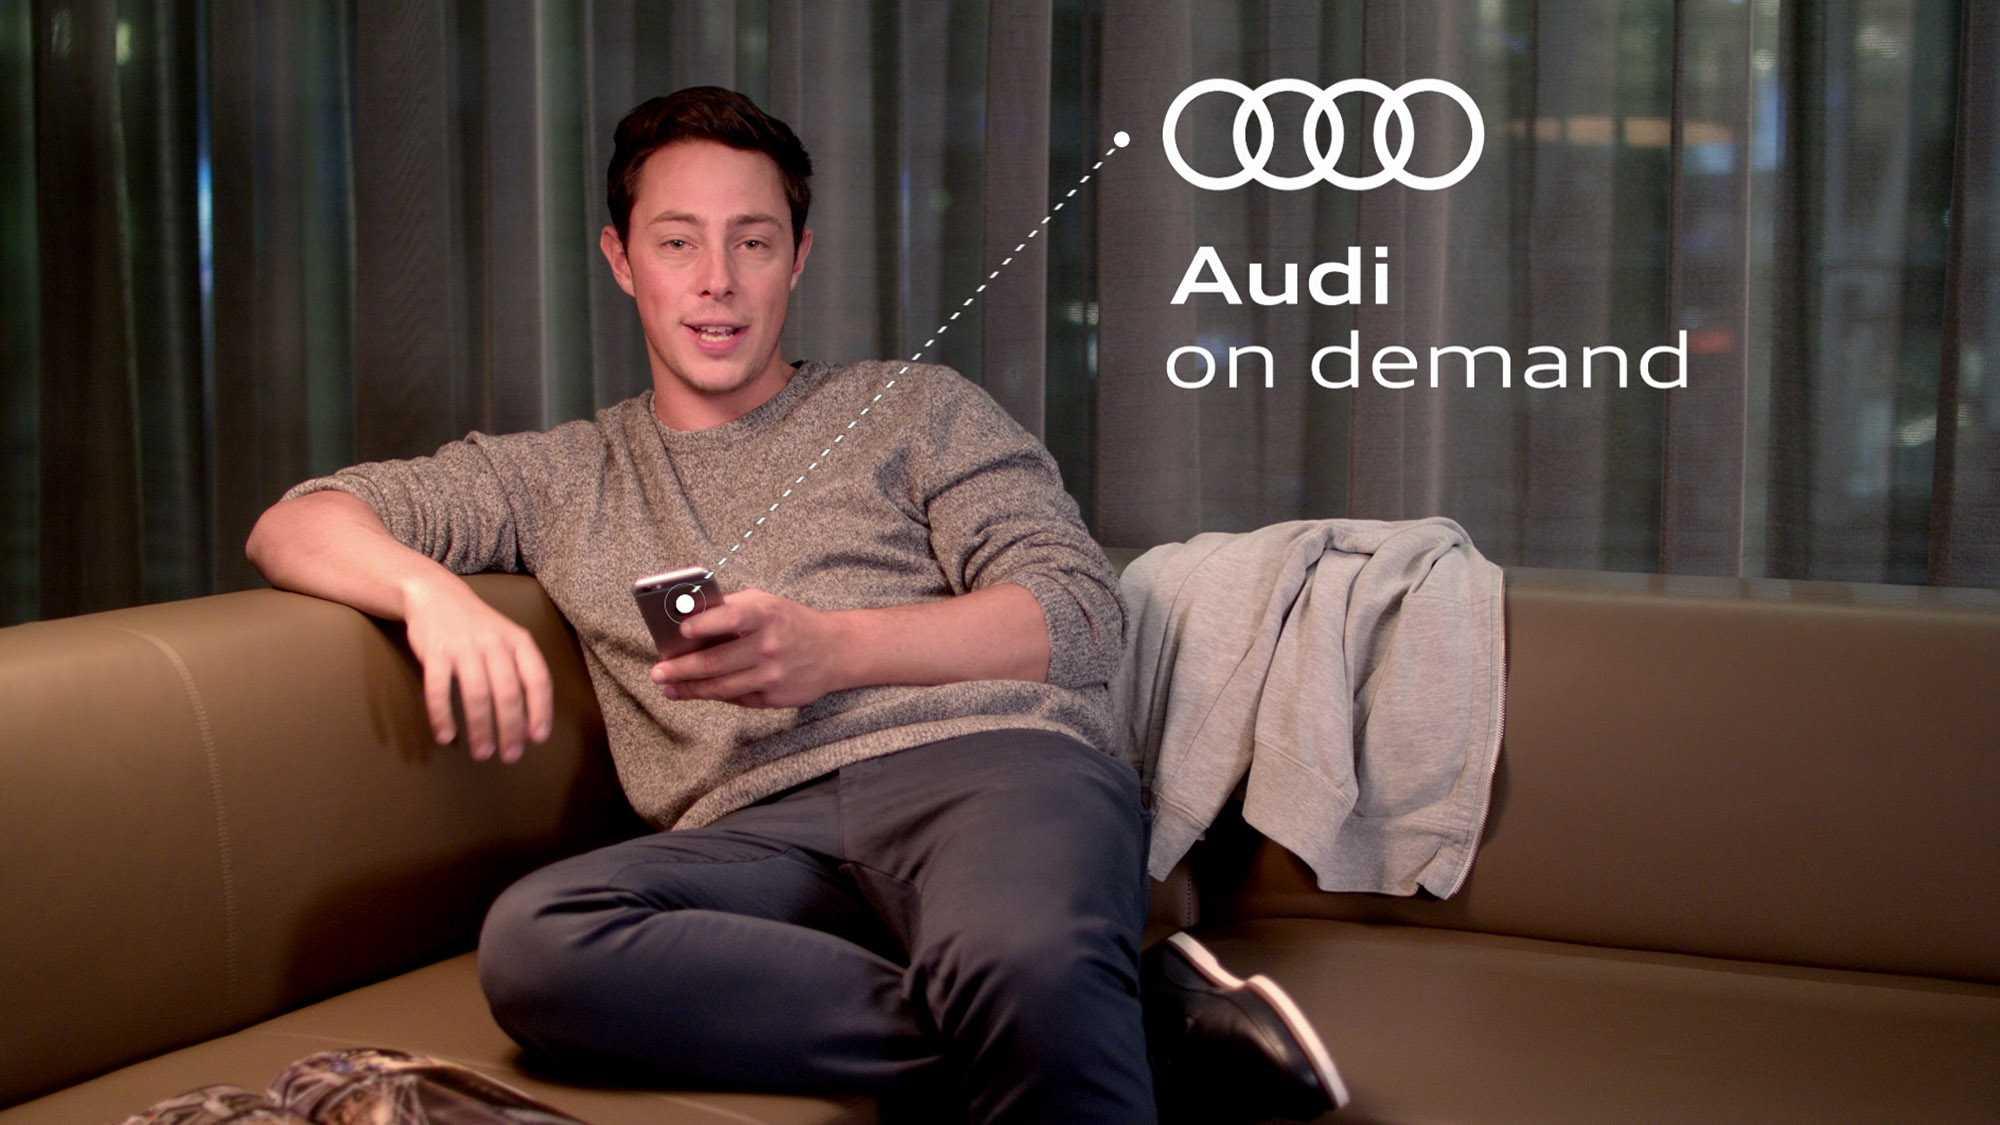 """Das Bild zeigt einen Moderator. Sein Name ist Ben Constanduros. Er befindet sich sitzend auf einem beigen Sofa. Hinter ihm sind graue Vorhänge angebracht. In seiner rechten Hand hält er ein Handy. Von diesem geht eine Linie aus, welche gestrichelt ist. An dieser Linie ist ein Text angebracht. Dieser Zeigt die Worte """"Audi on demand"""". Ebenfalls ist das Audi Logo zu sehen. Das Bild dient als Making Of Bild für den Portfolioeintrag Audi on demand – Launchfilm von Panda Pictures."""